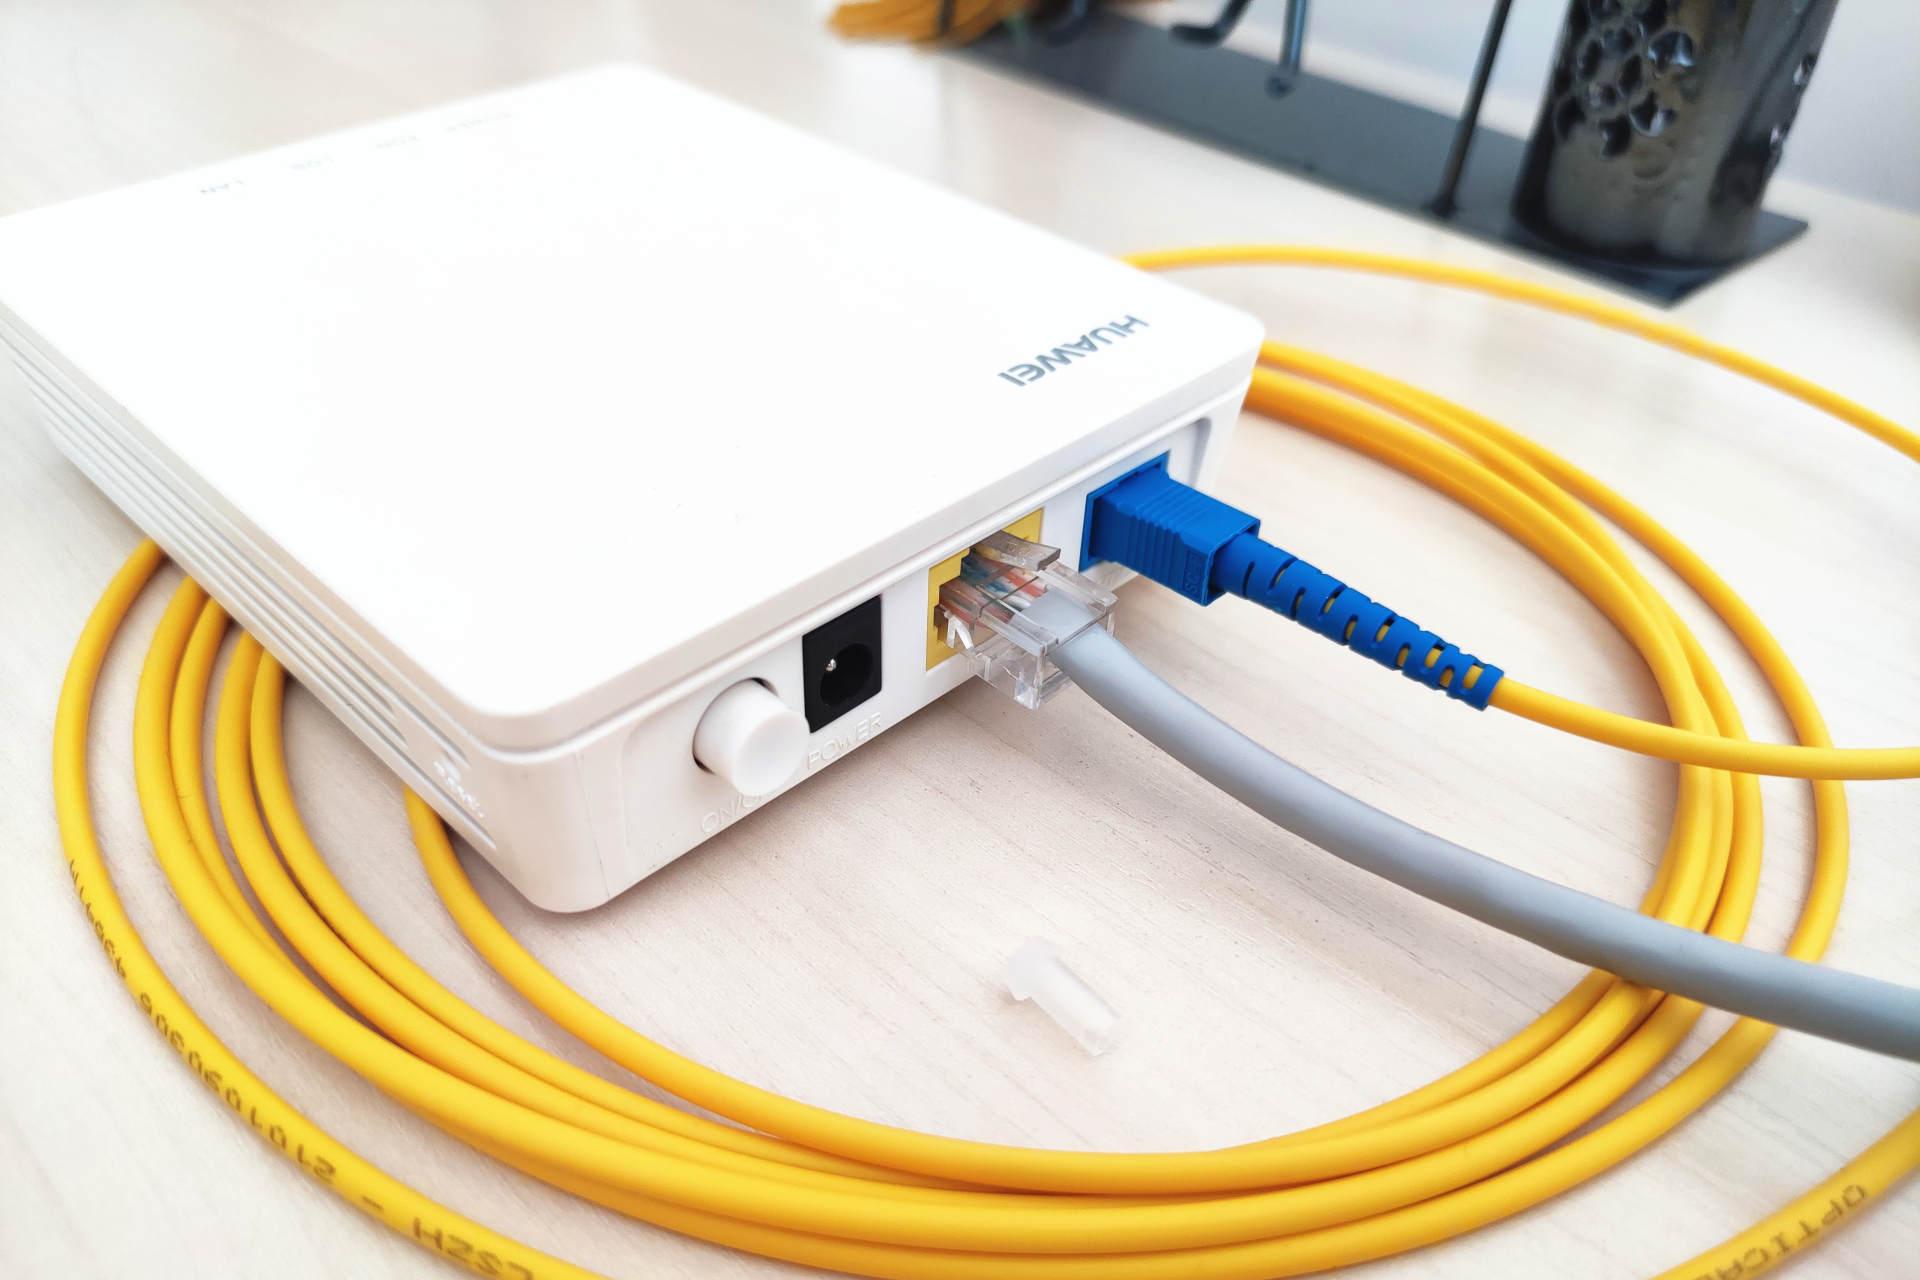 光纤接头sc-pc接法图解